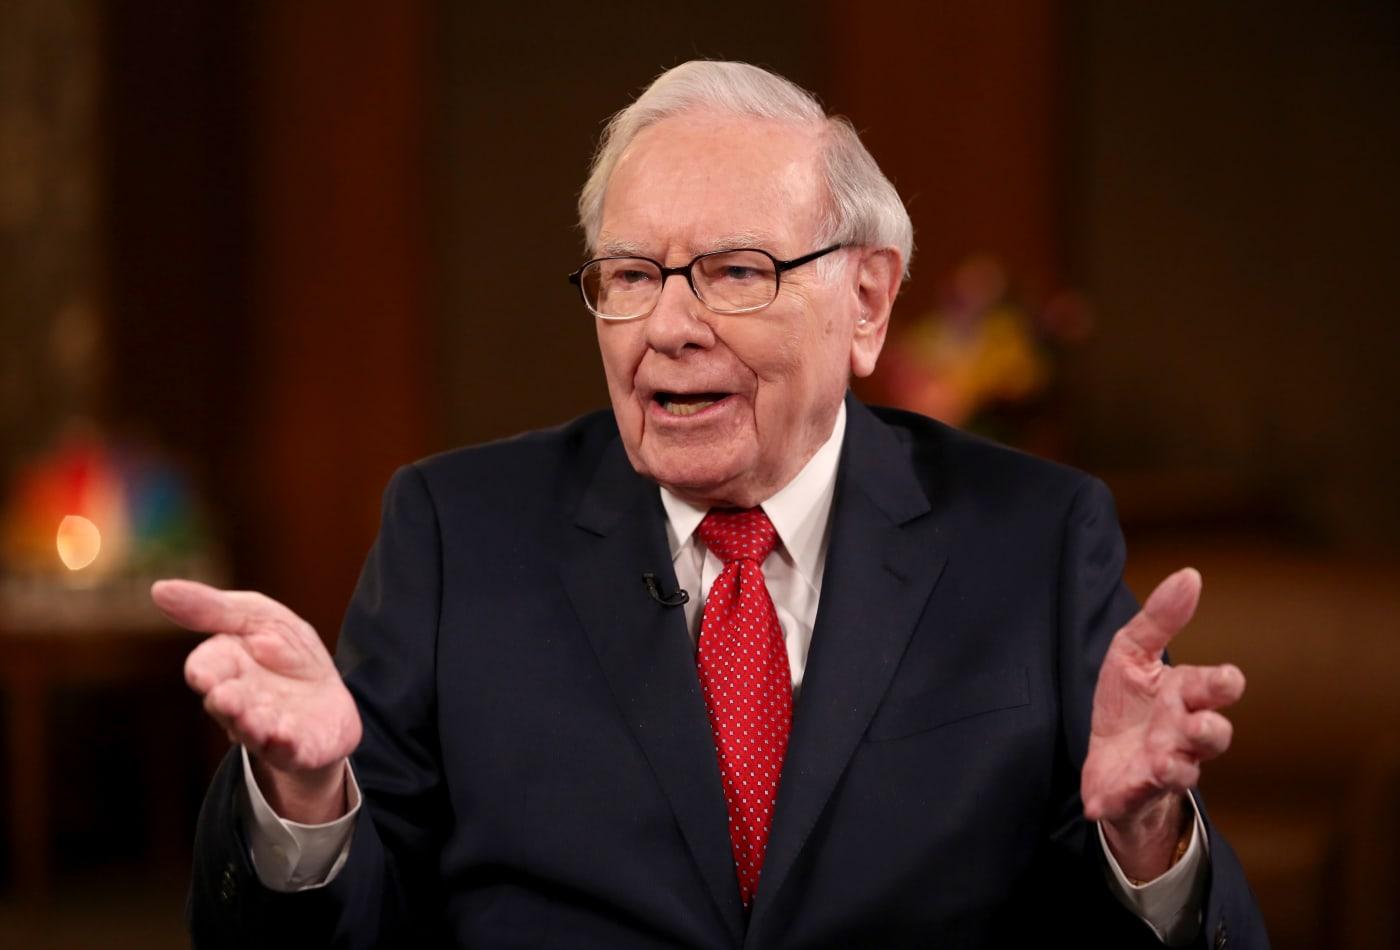 Warren Buffett hakkında bilgiler